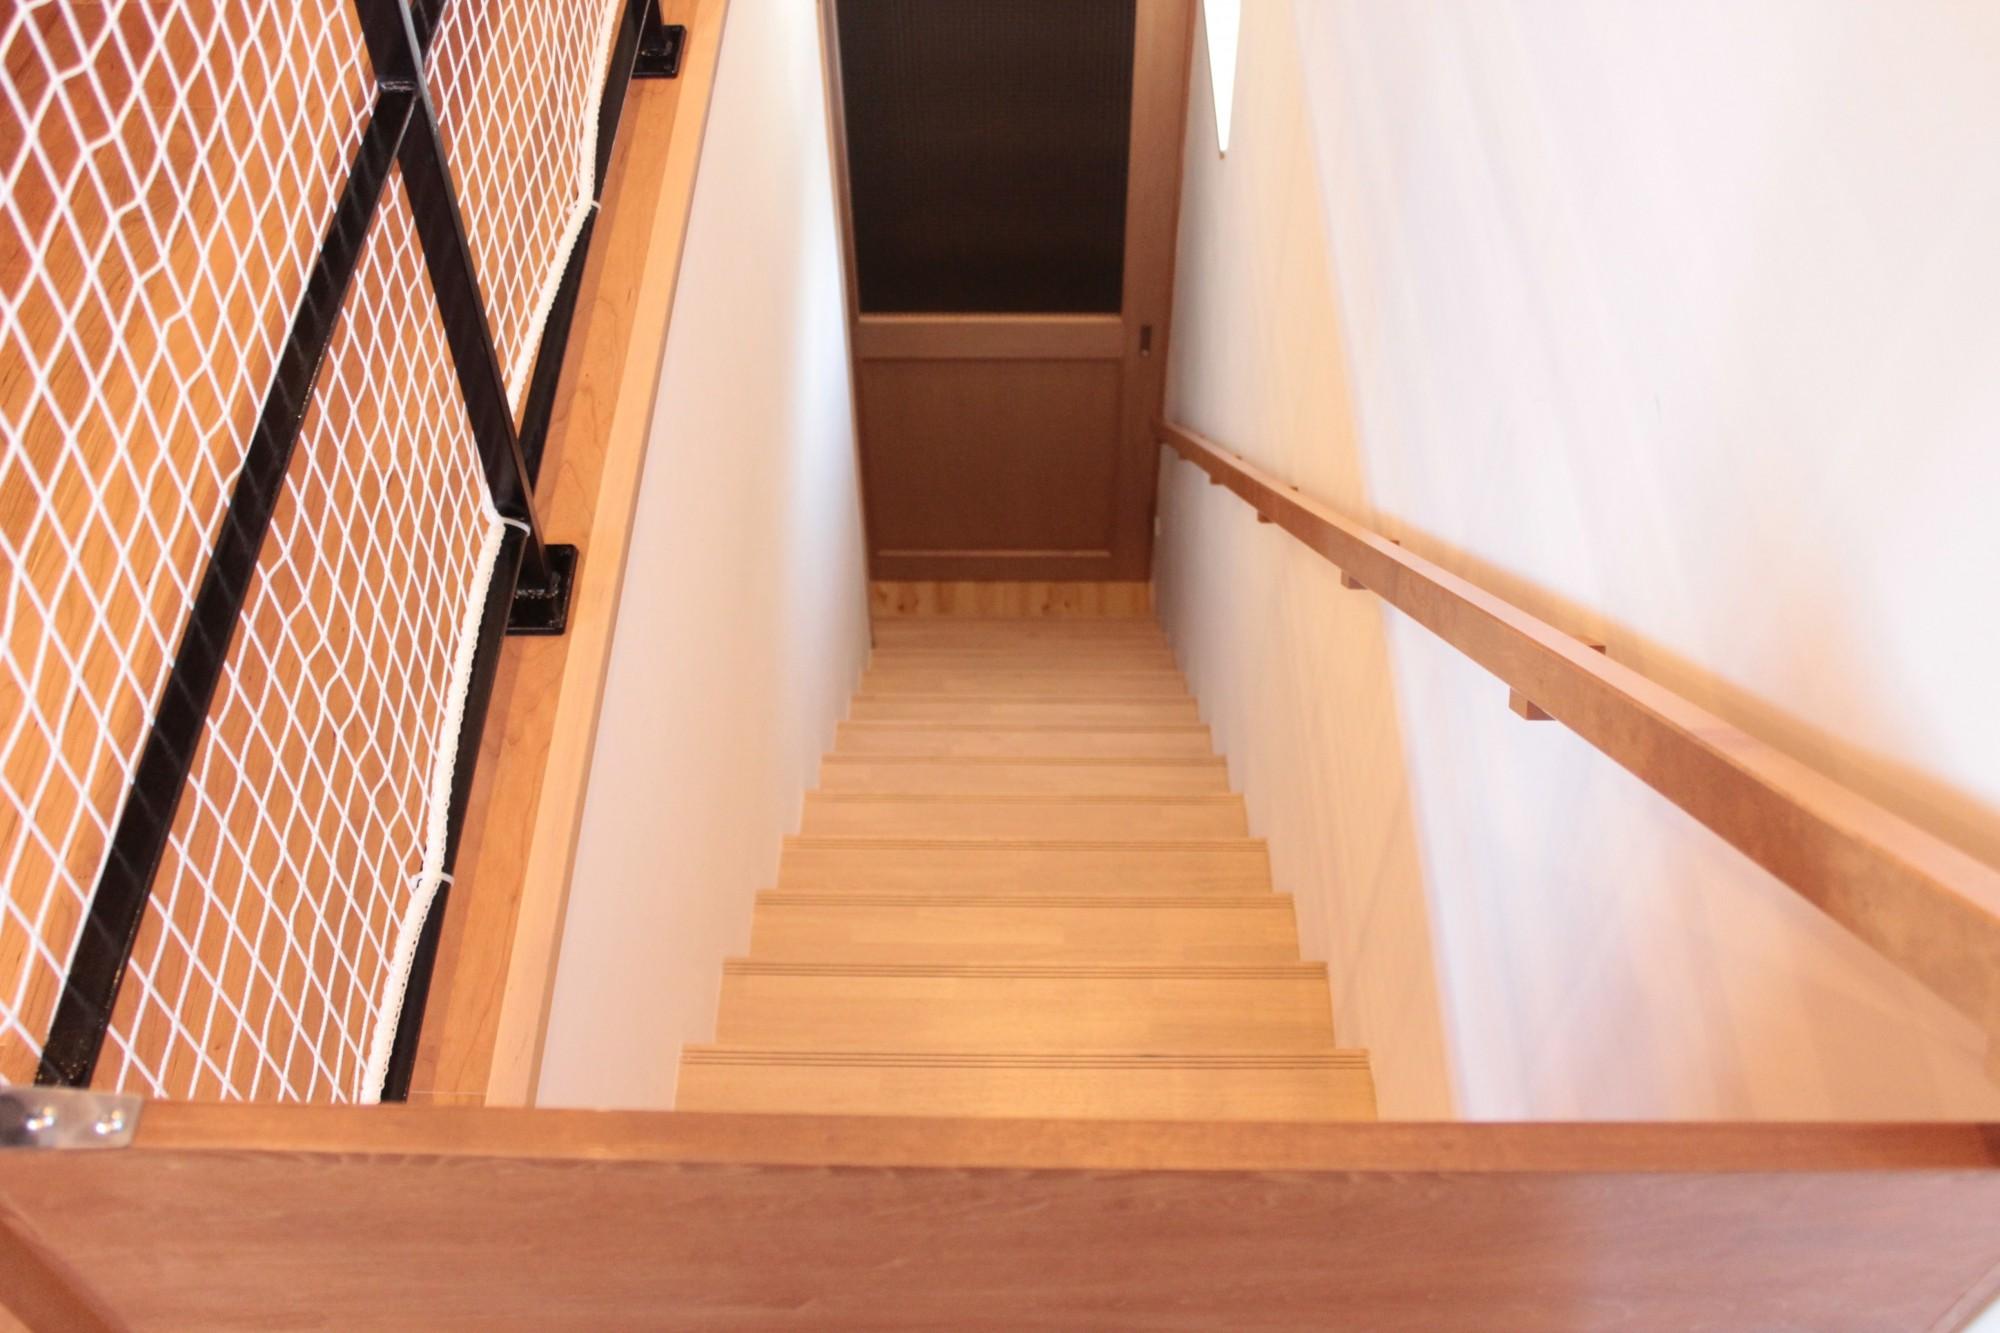 その他事例:階段(和の素材感をモダンにアレンジした新築住宅)